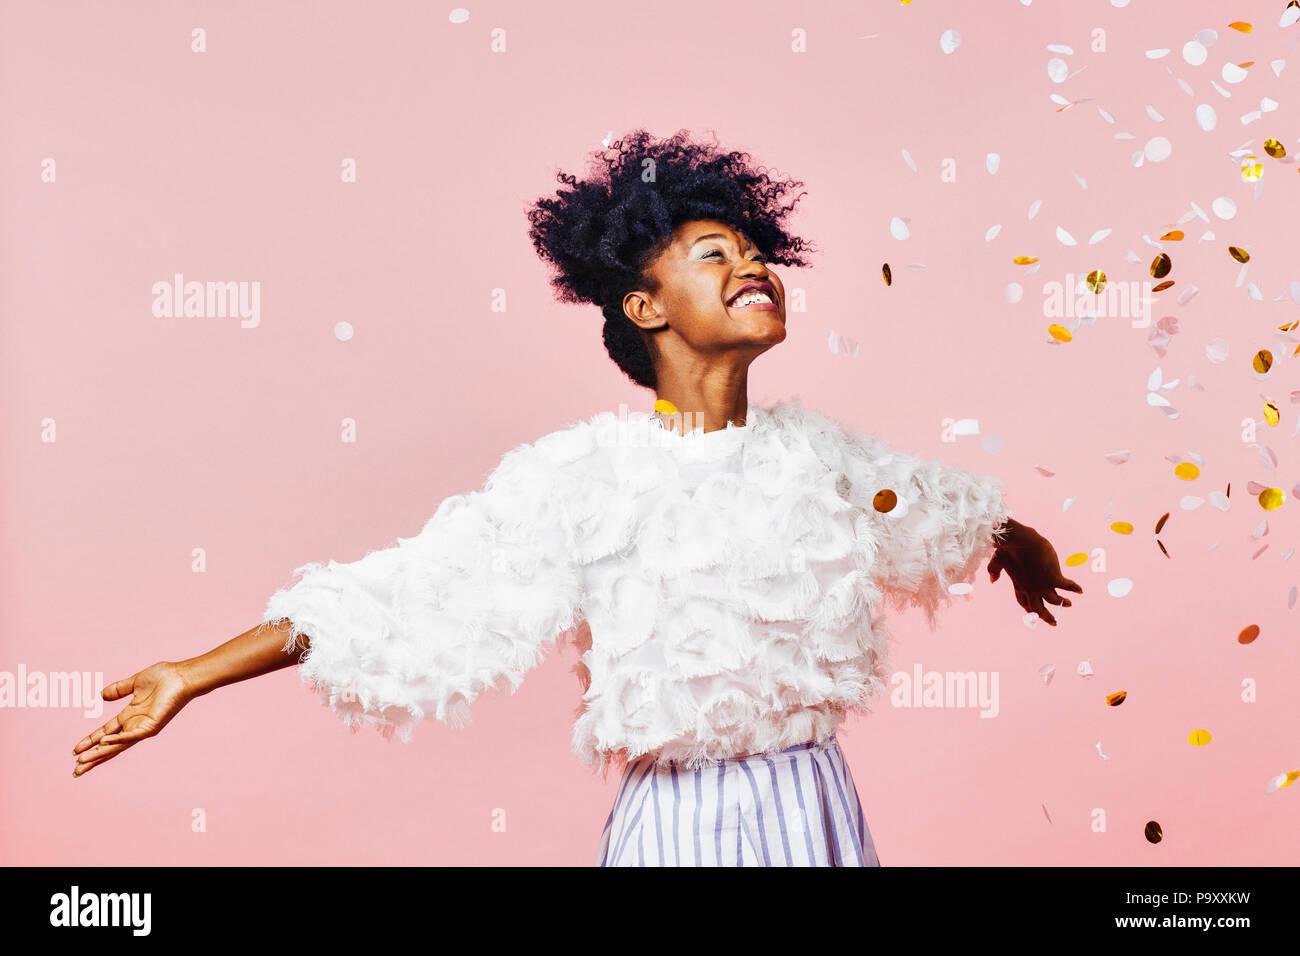 Un momento magico - Ritratto di un felice ragazza con braccia, sorridente a coriandoli cadere Immagini Stock